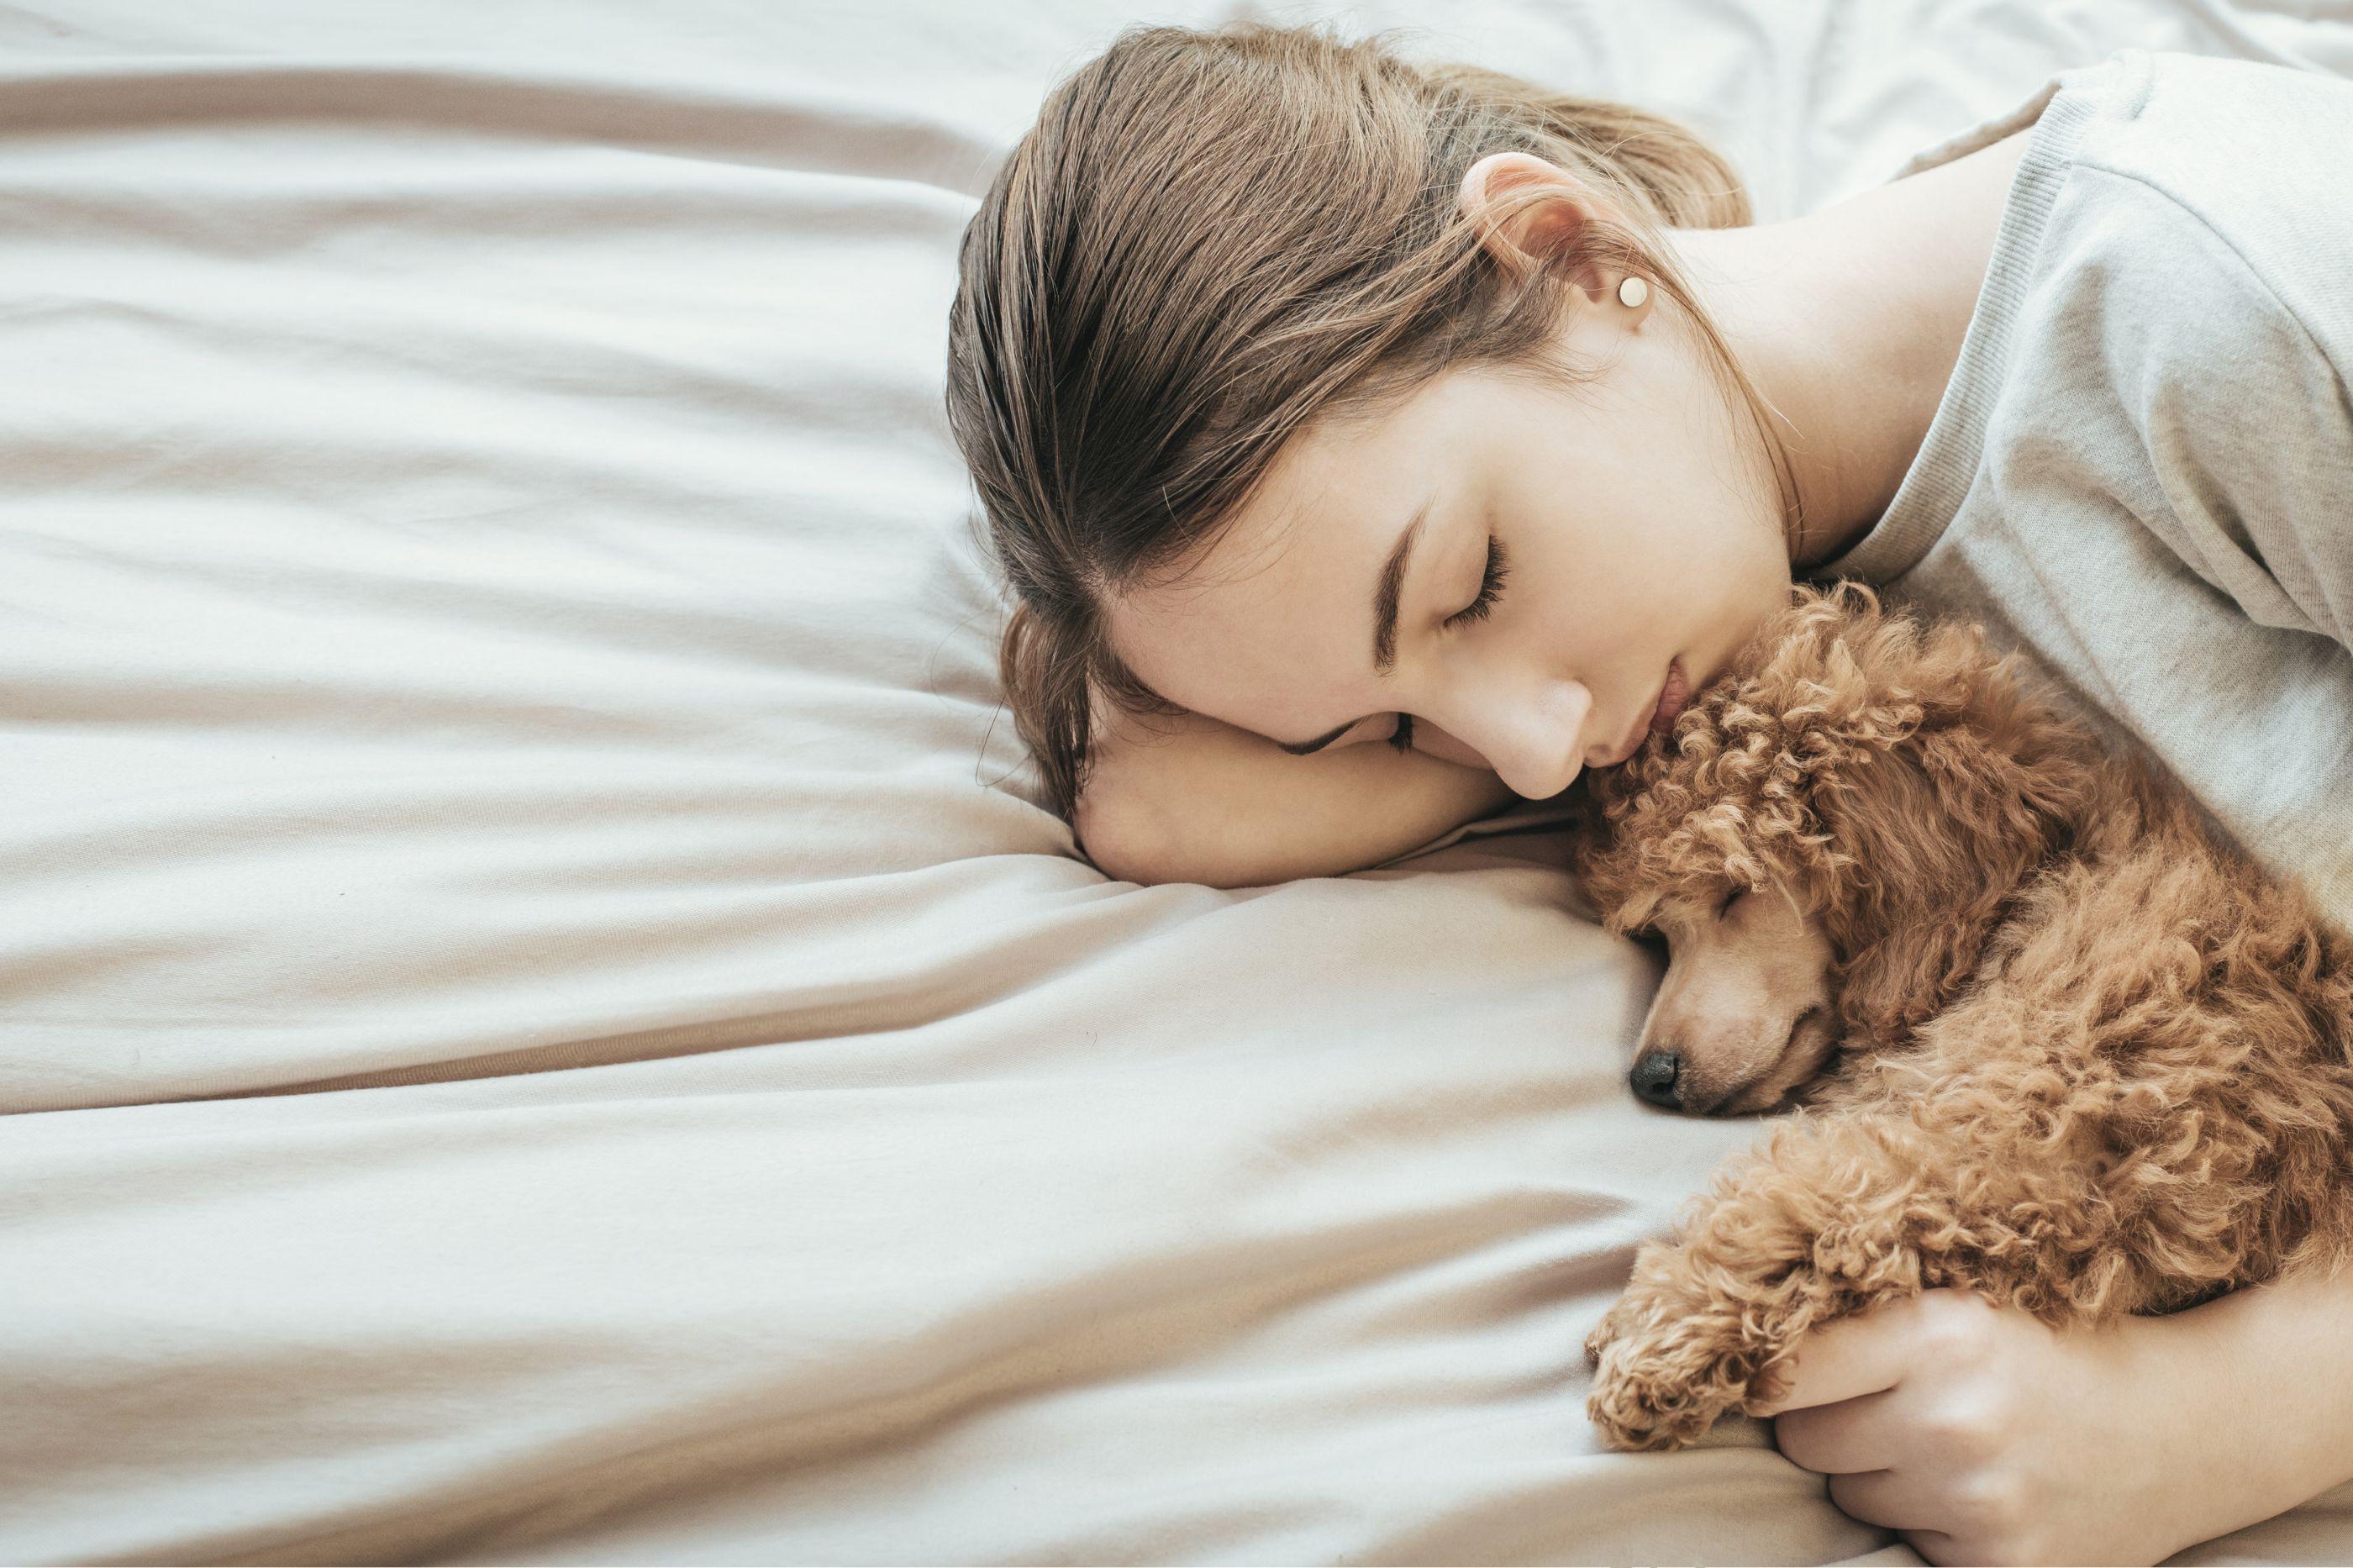 Dorme-se melhor com cães do que com pessoas, principalmente nestes casos